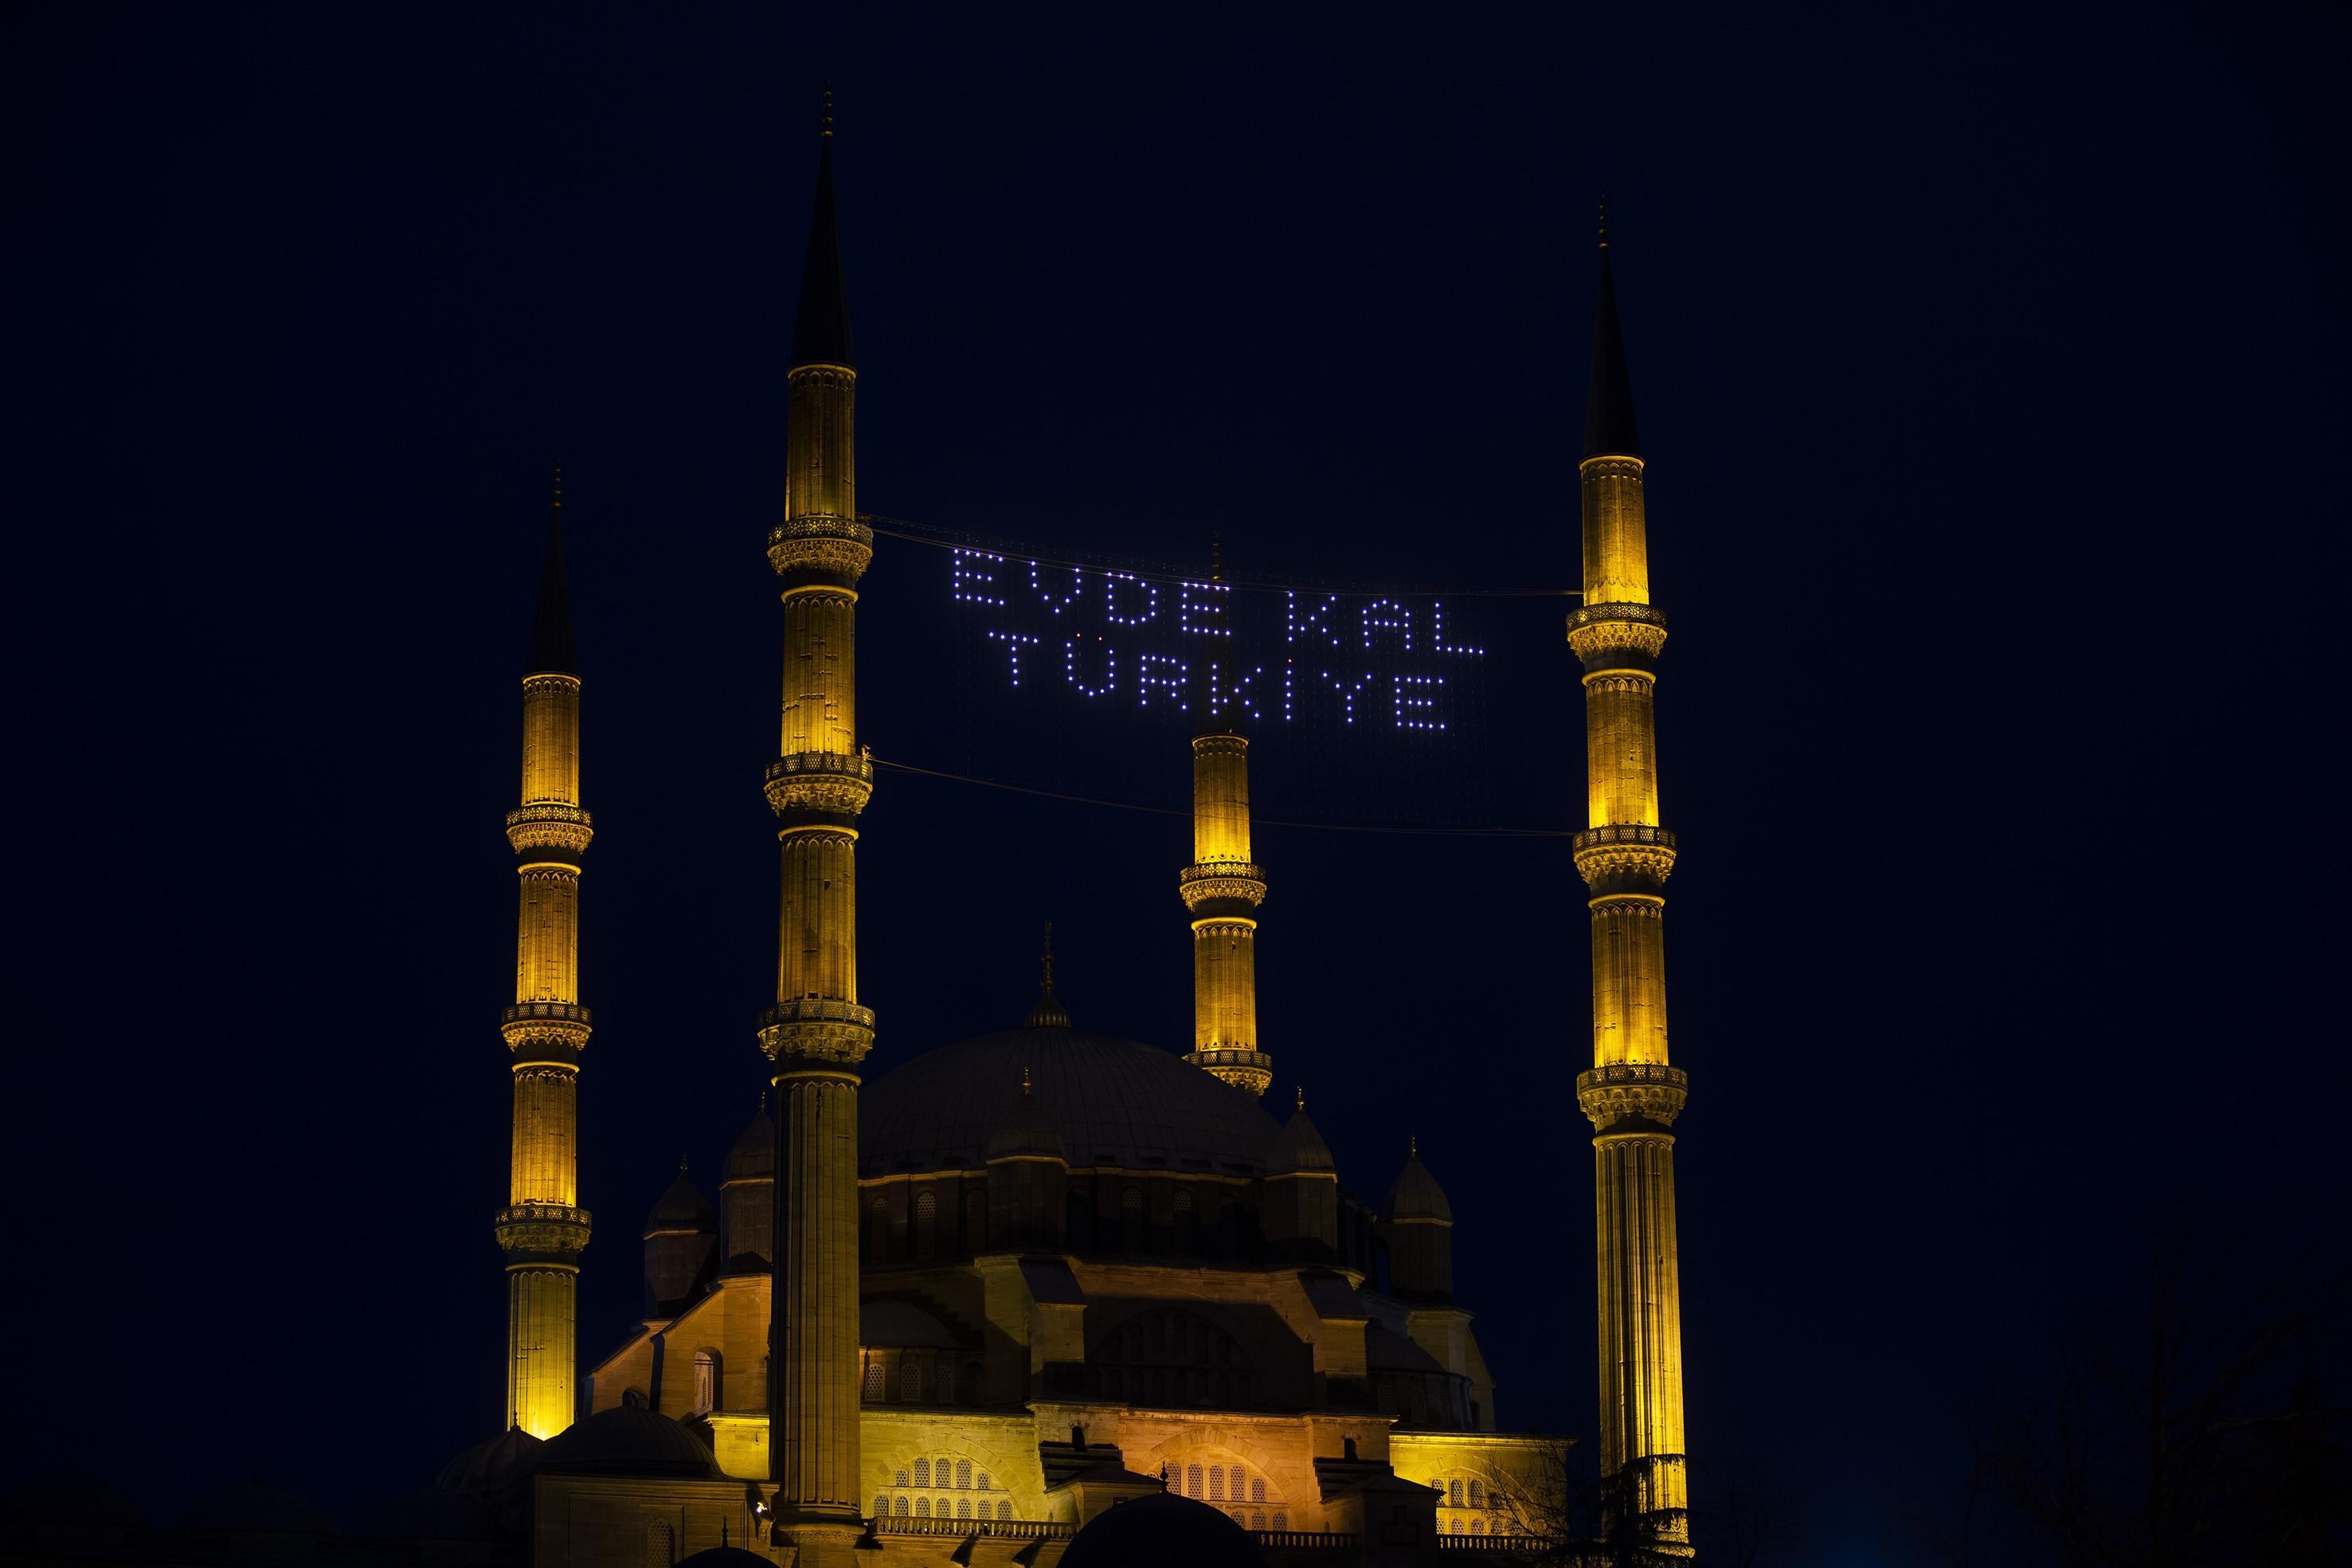 camii minarelerinin arasına yazılmış